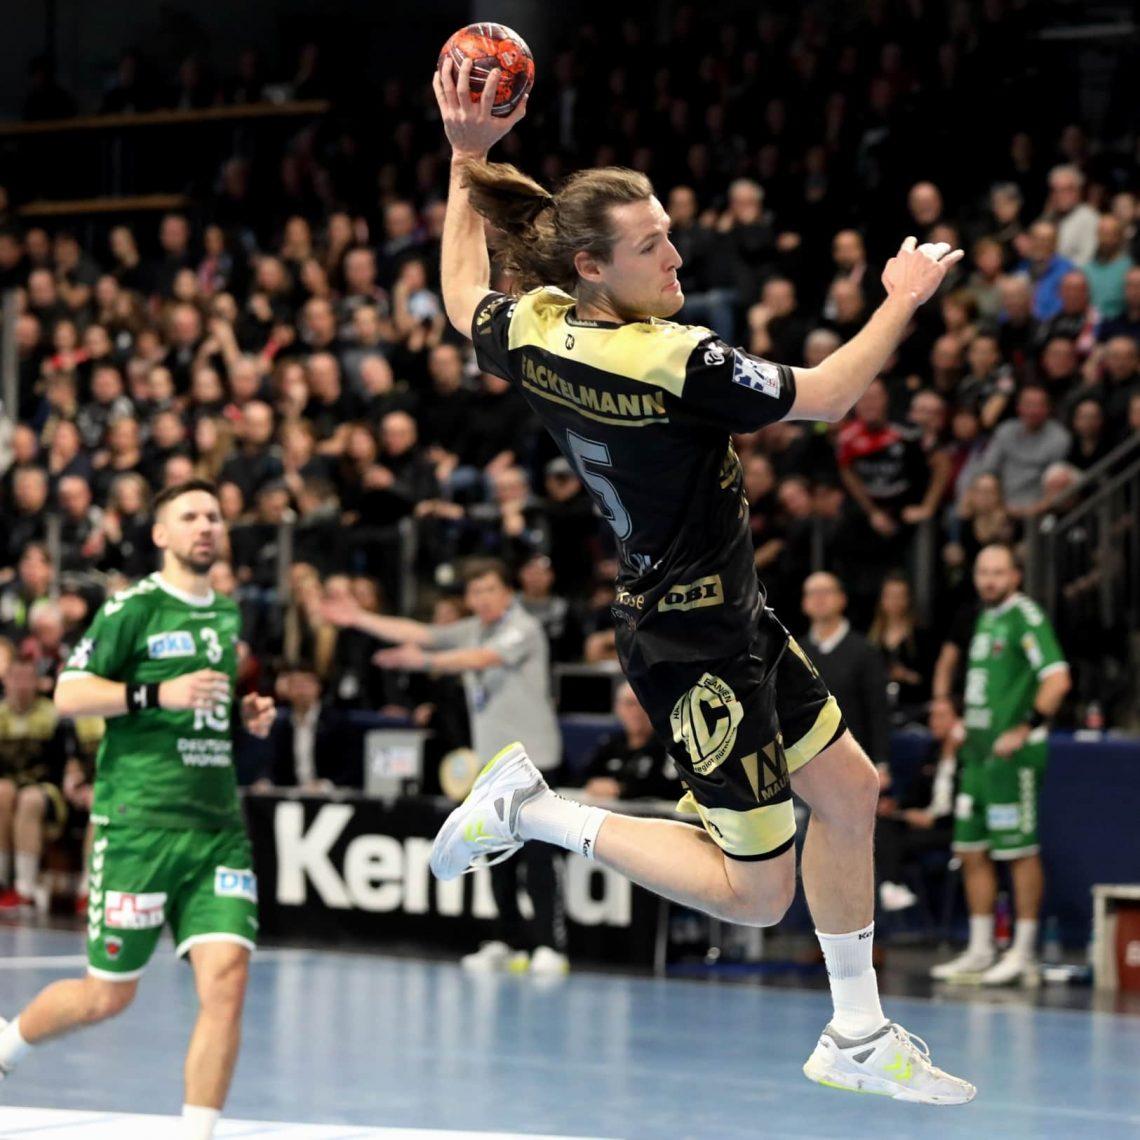 Blizz Leserreporter: Handball HC Erlangen Handball: Ausverkaufte ARENA beflügelt den HC Erlangen zum Sieg gegen die Füchse